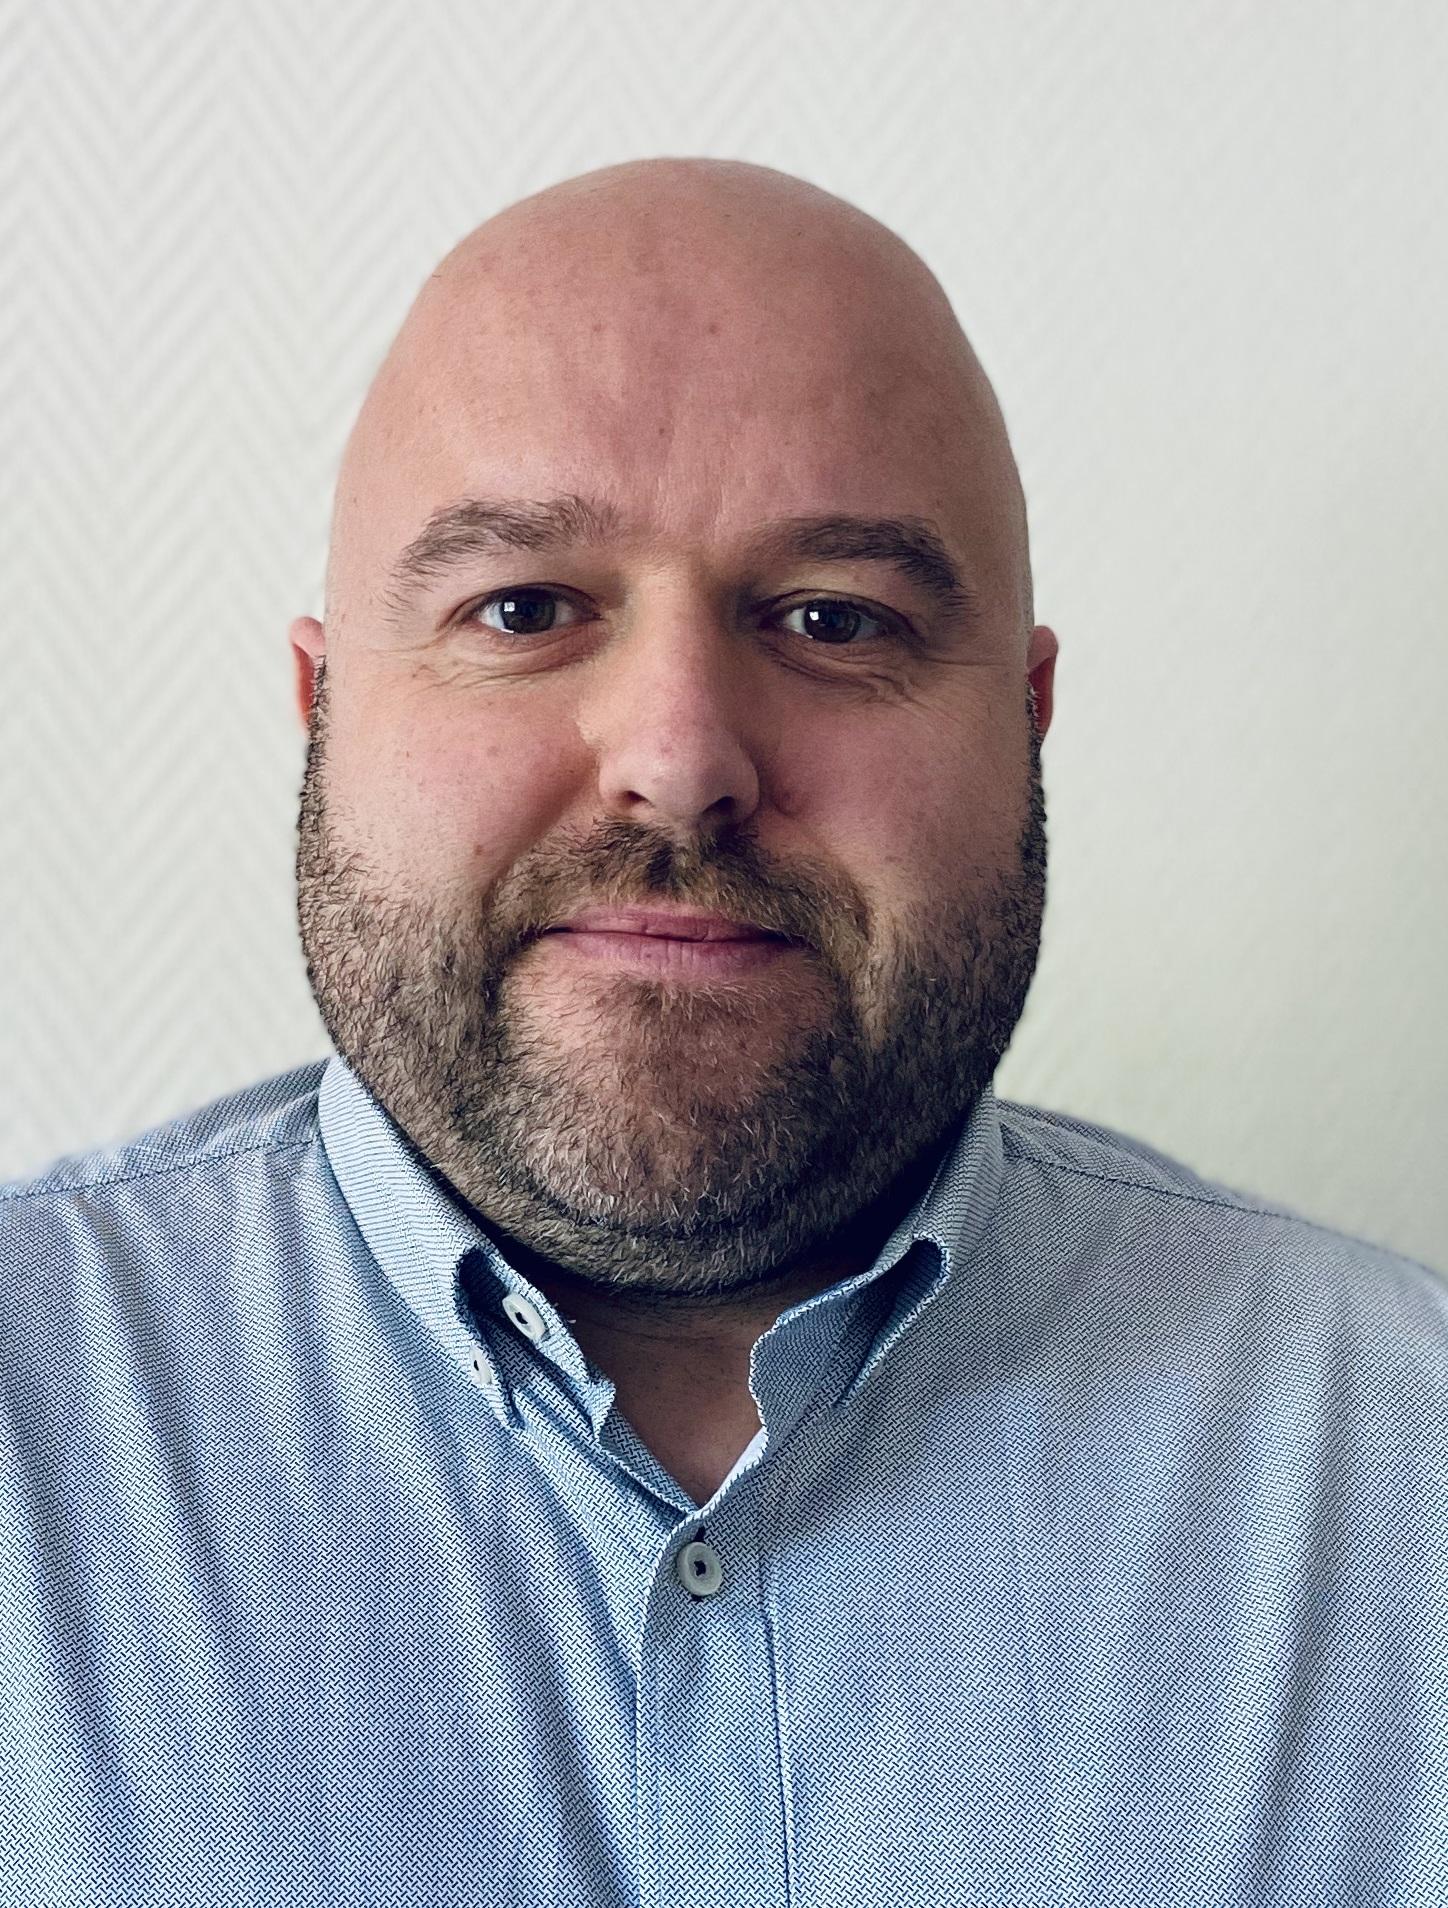 Björn Schurgers